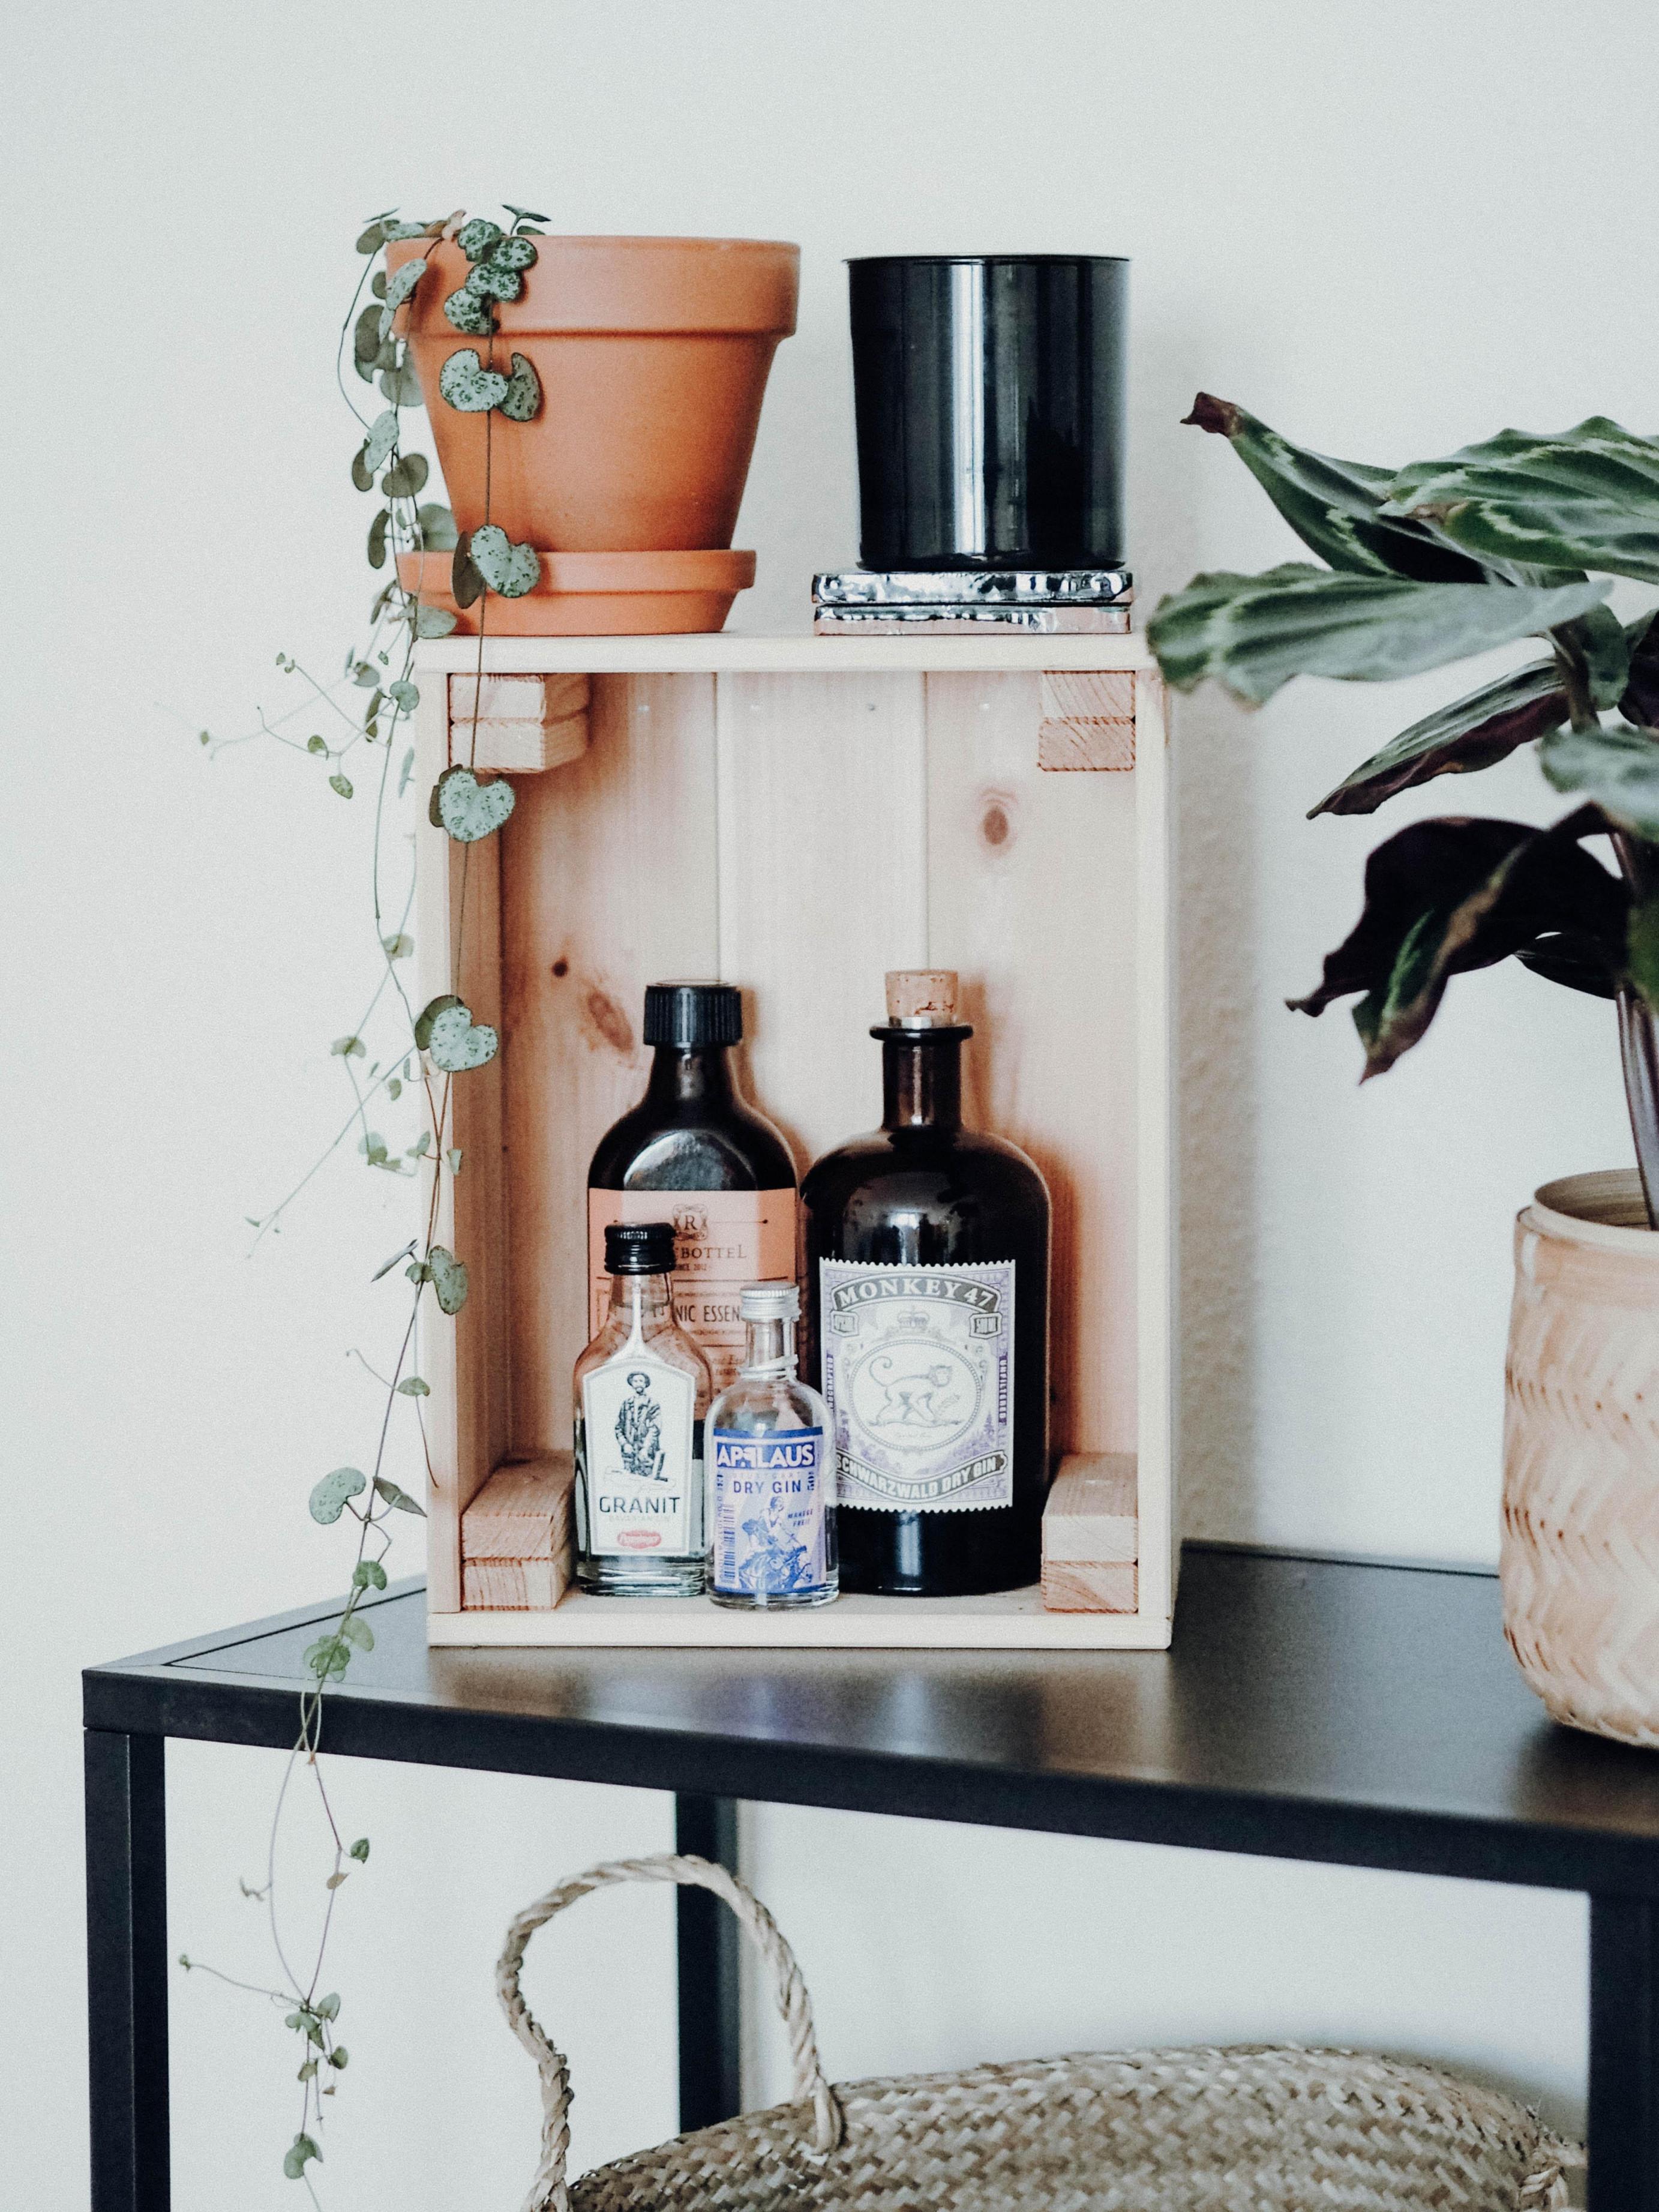 Wohnzimmerdekoideen Mach Es Dir Gemütlich von Ideen Dekoration Wohnzimmer Bild